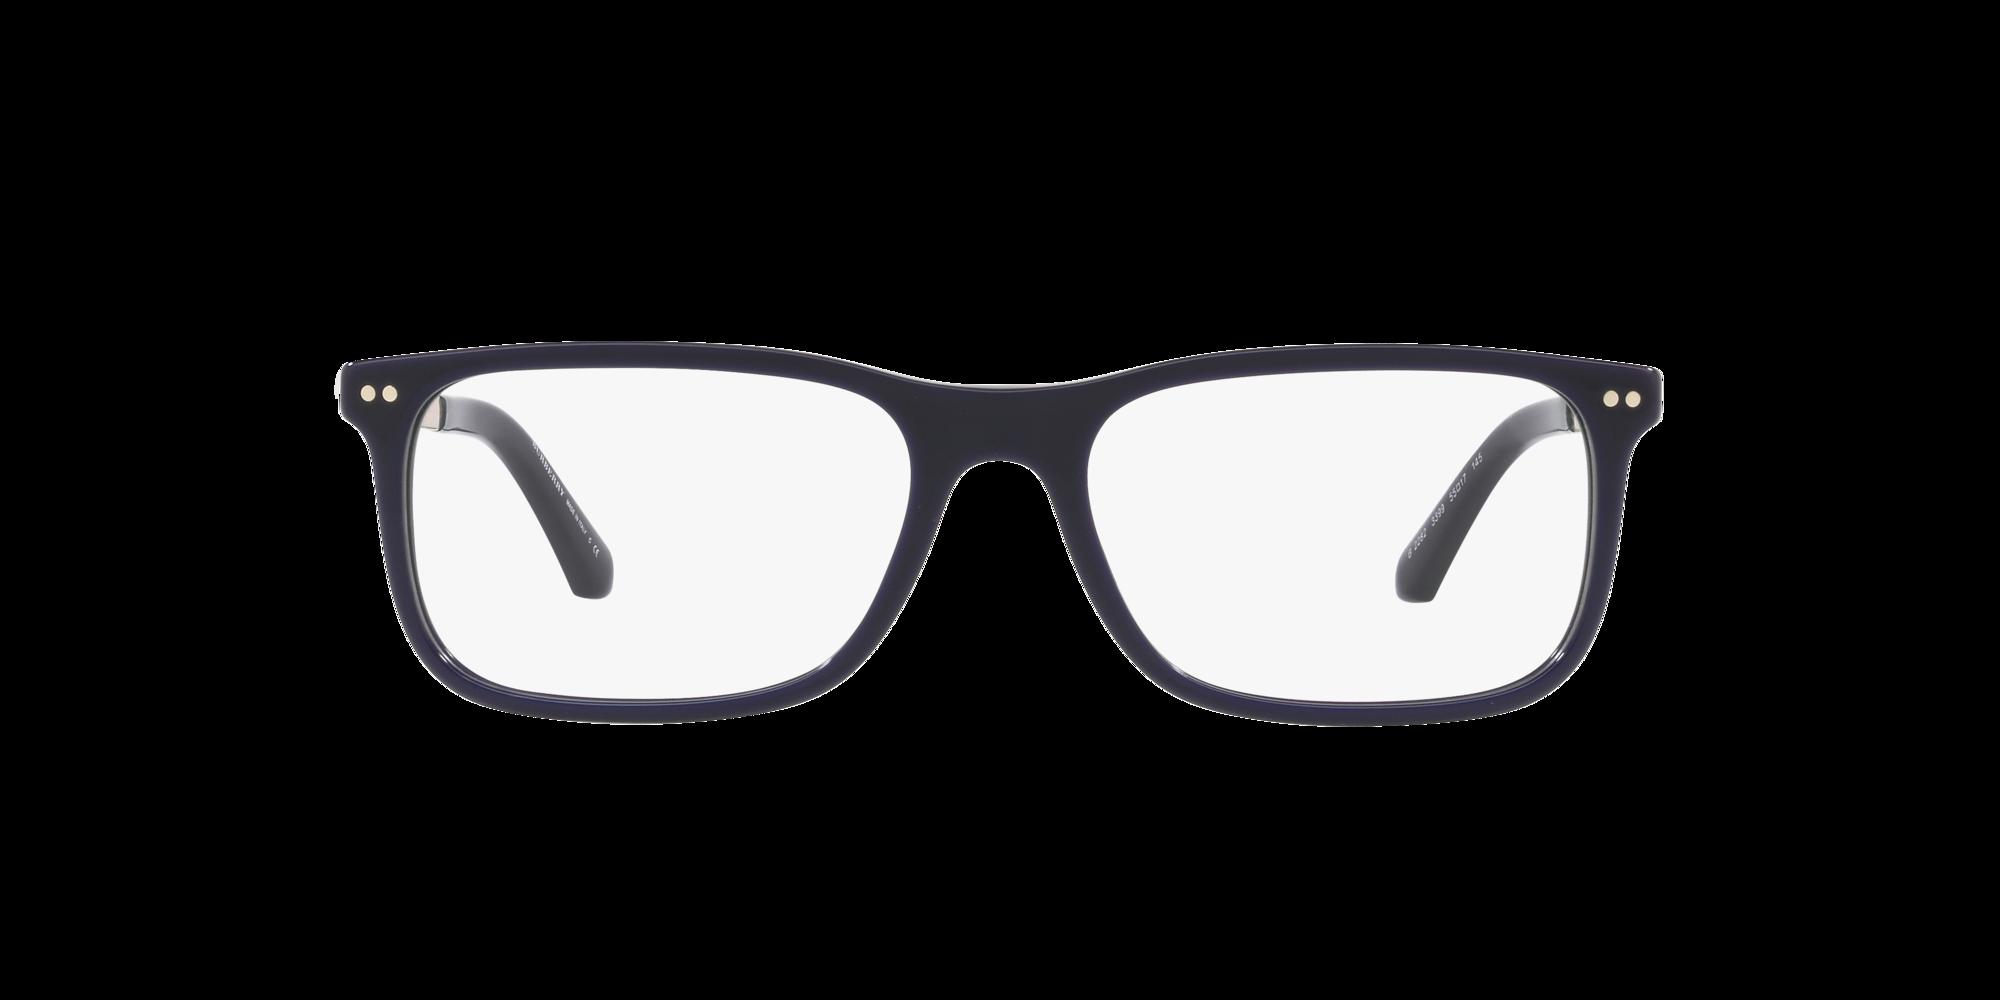 Imagen para BE2282 de LensCrafters |  Espejuelos, espejuelos graduados en línea, gafas